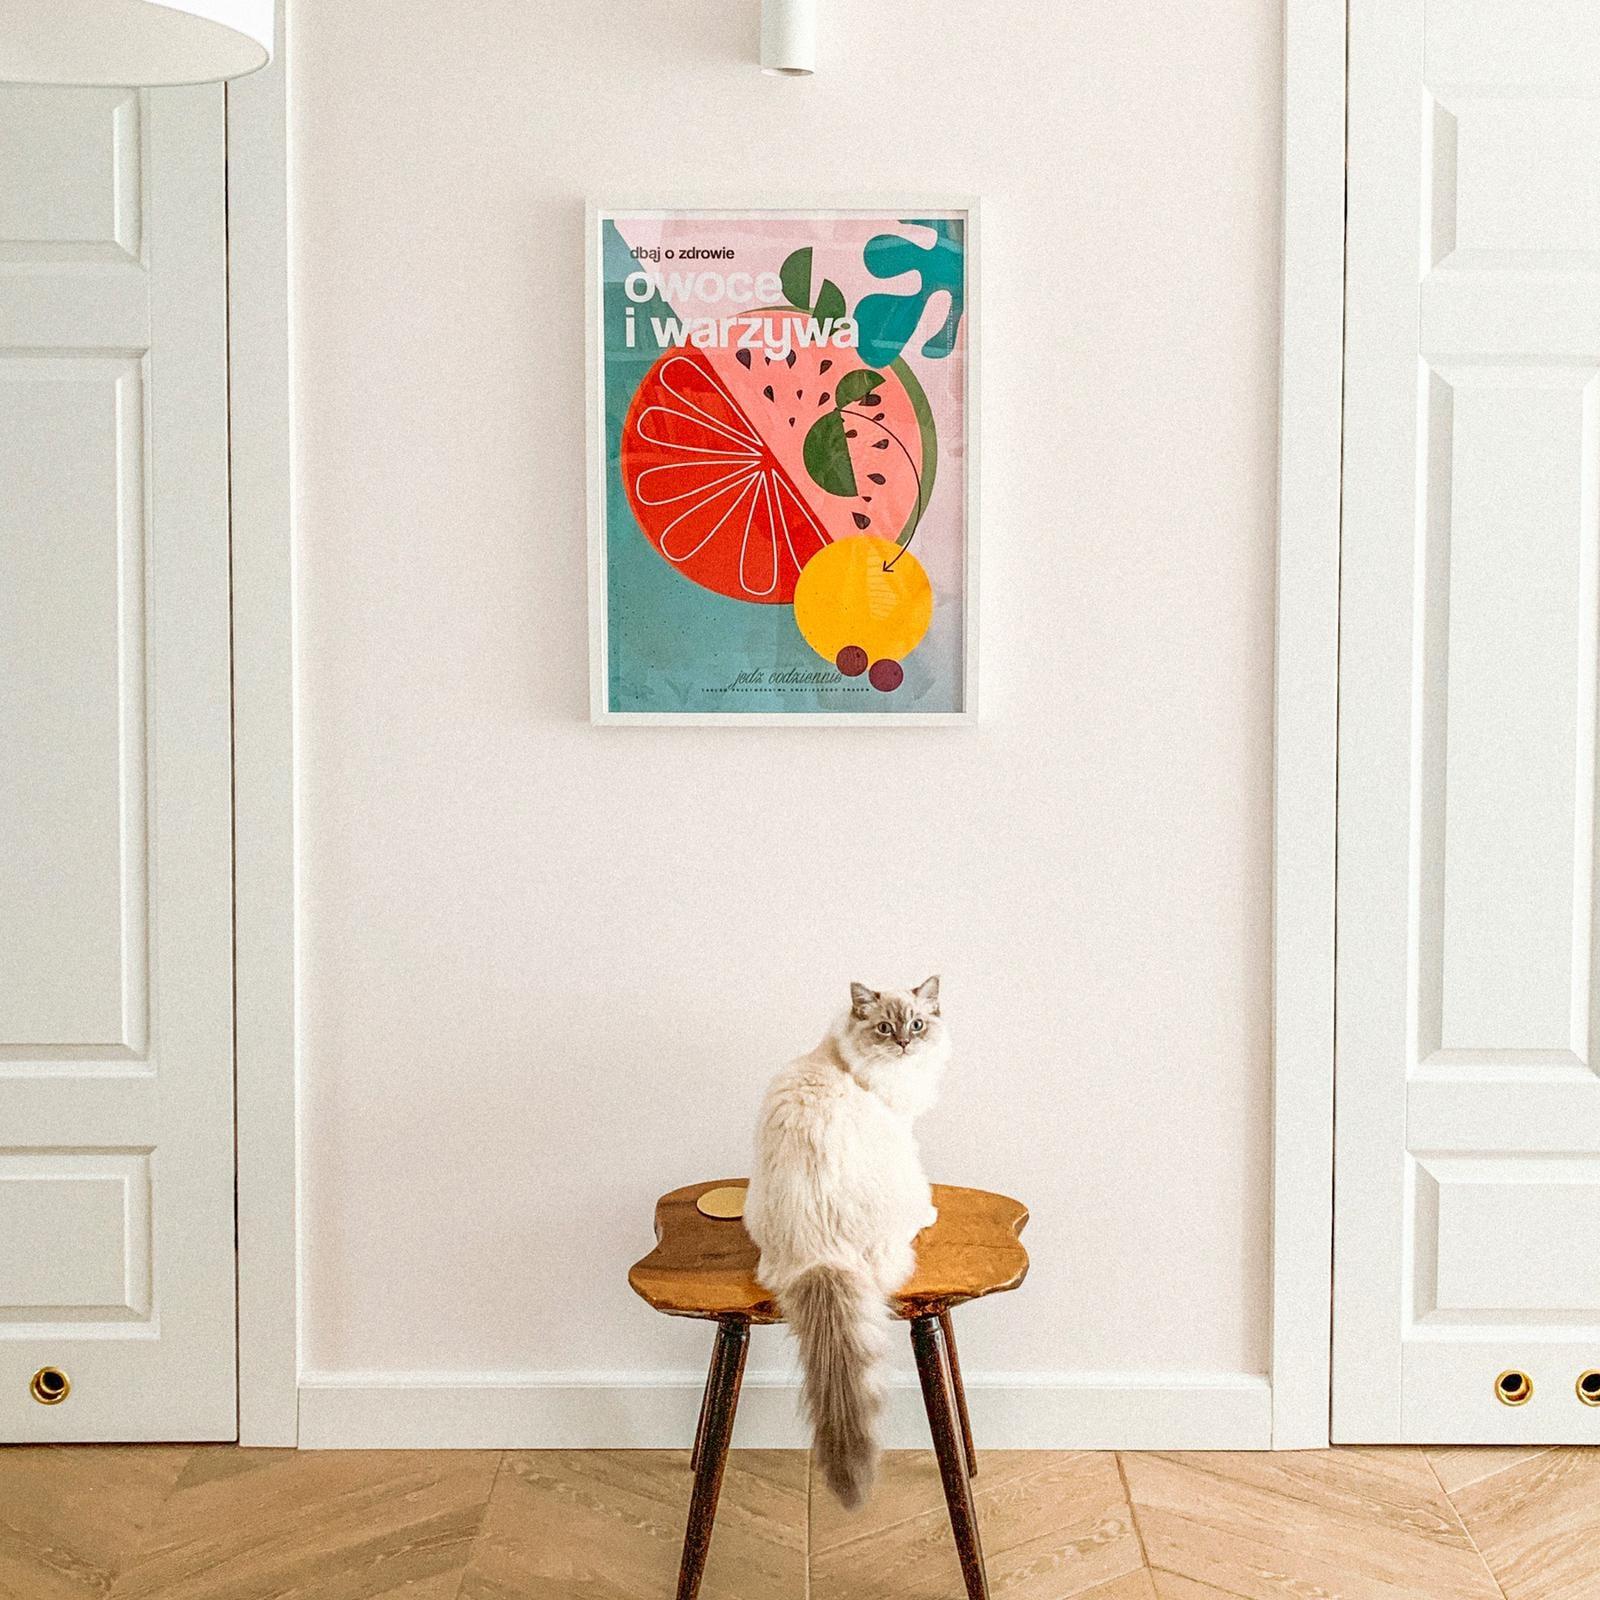 Mieszkanie modern vintage, Aleksandra Chmielowicz architekt wnętrz, projektowanie wnętrz Olkusz, projektowanie wnętrz Mikołów, projektowanie wnętrz Tychy